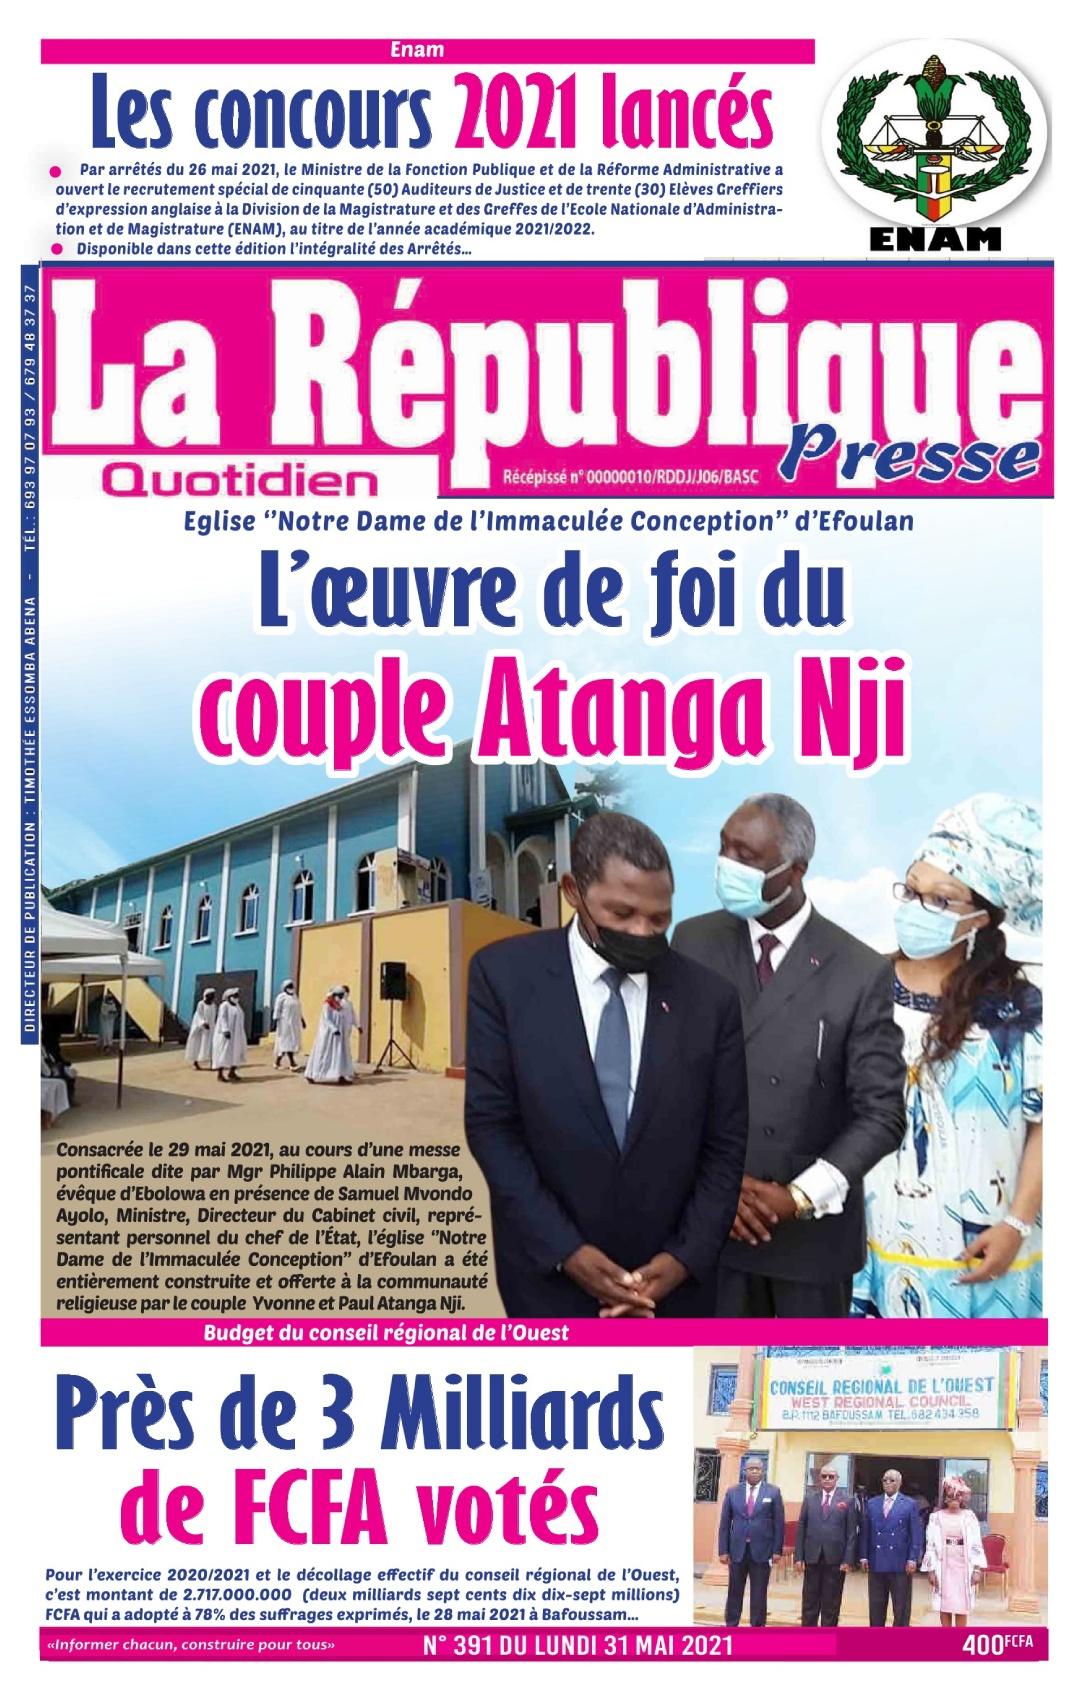 LA REPUBLIQUE PRESSE - 31/05/2021